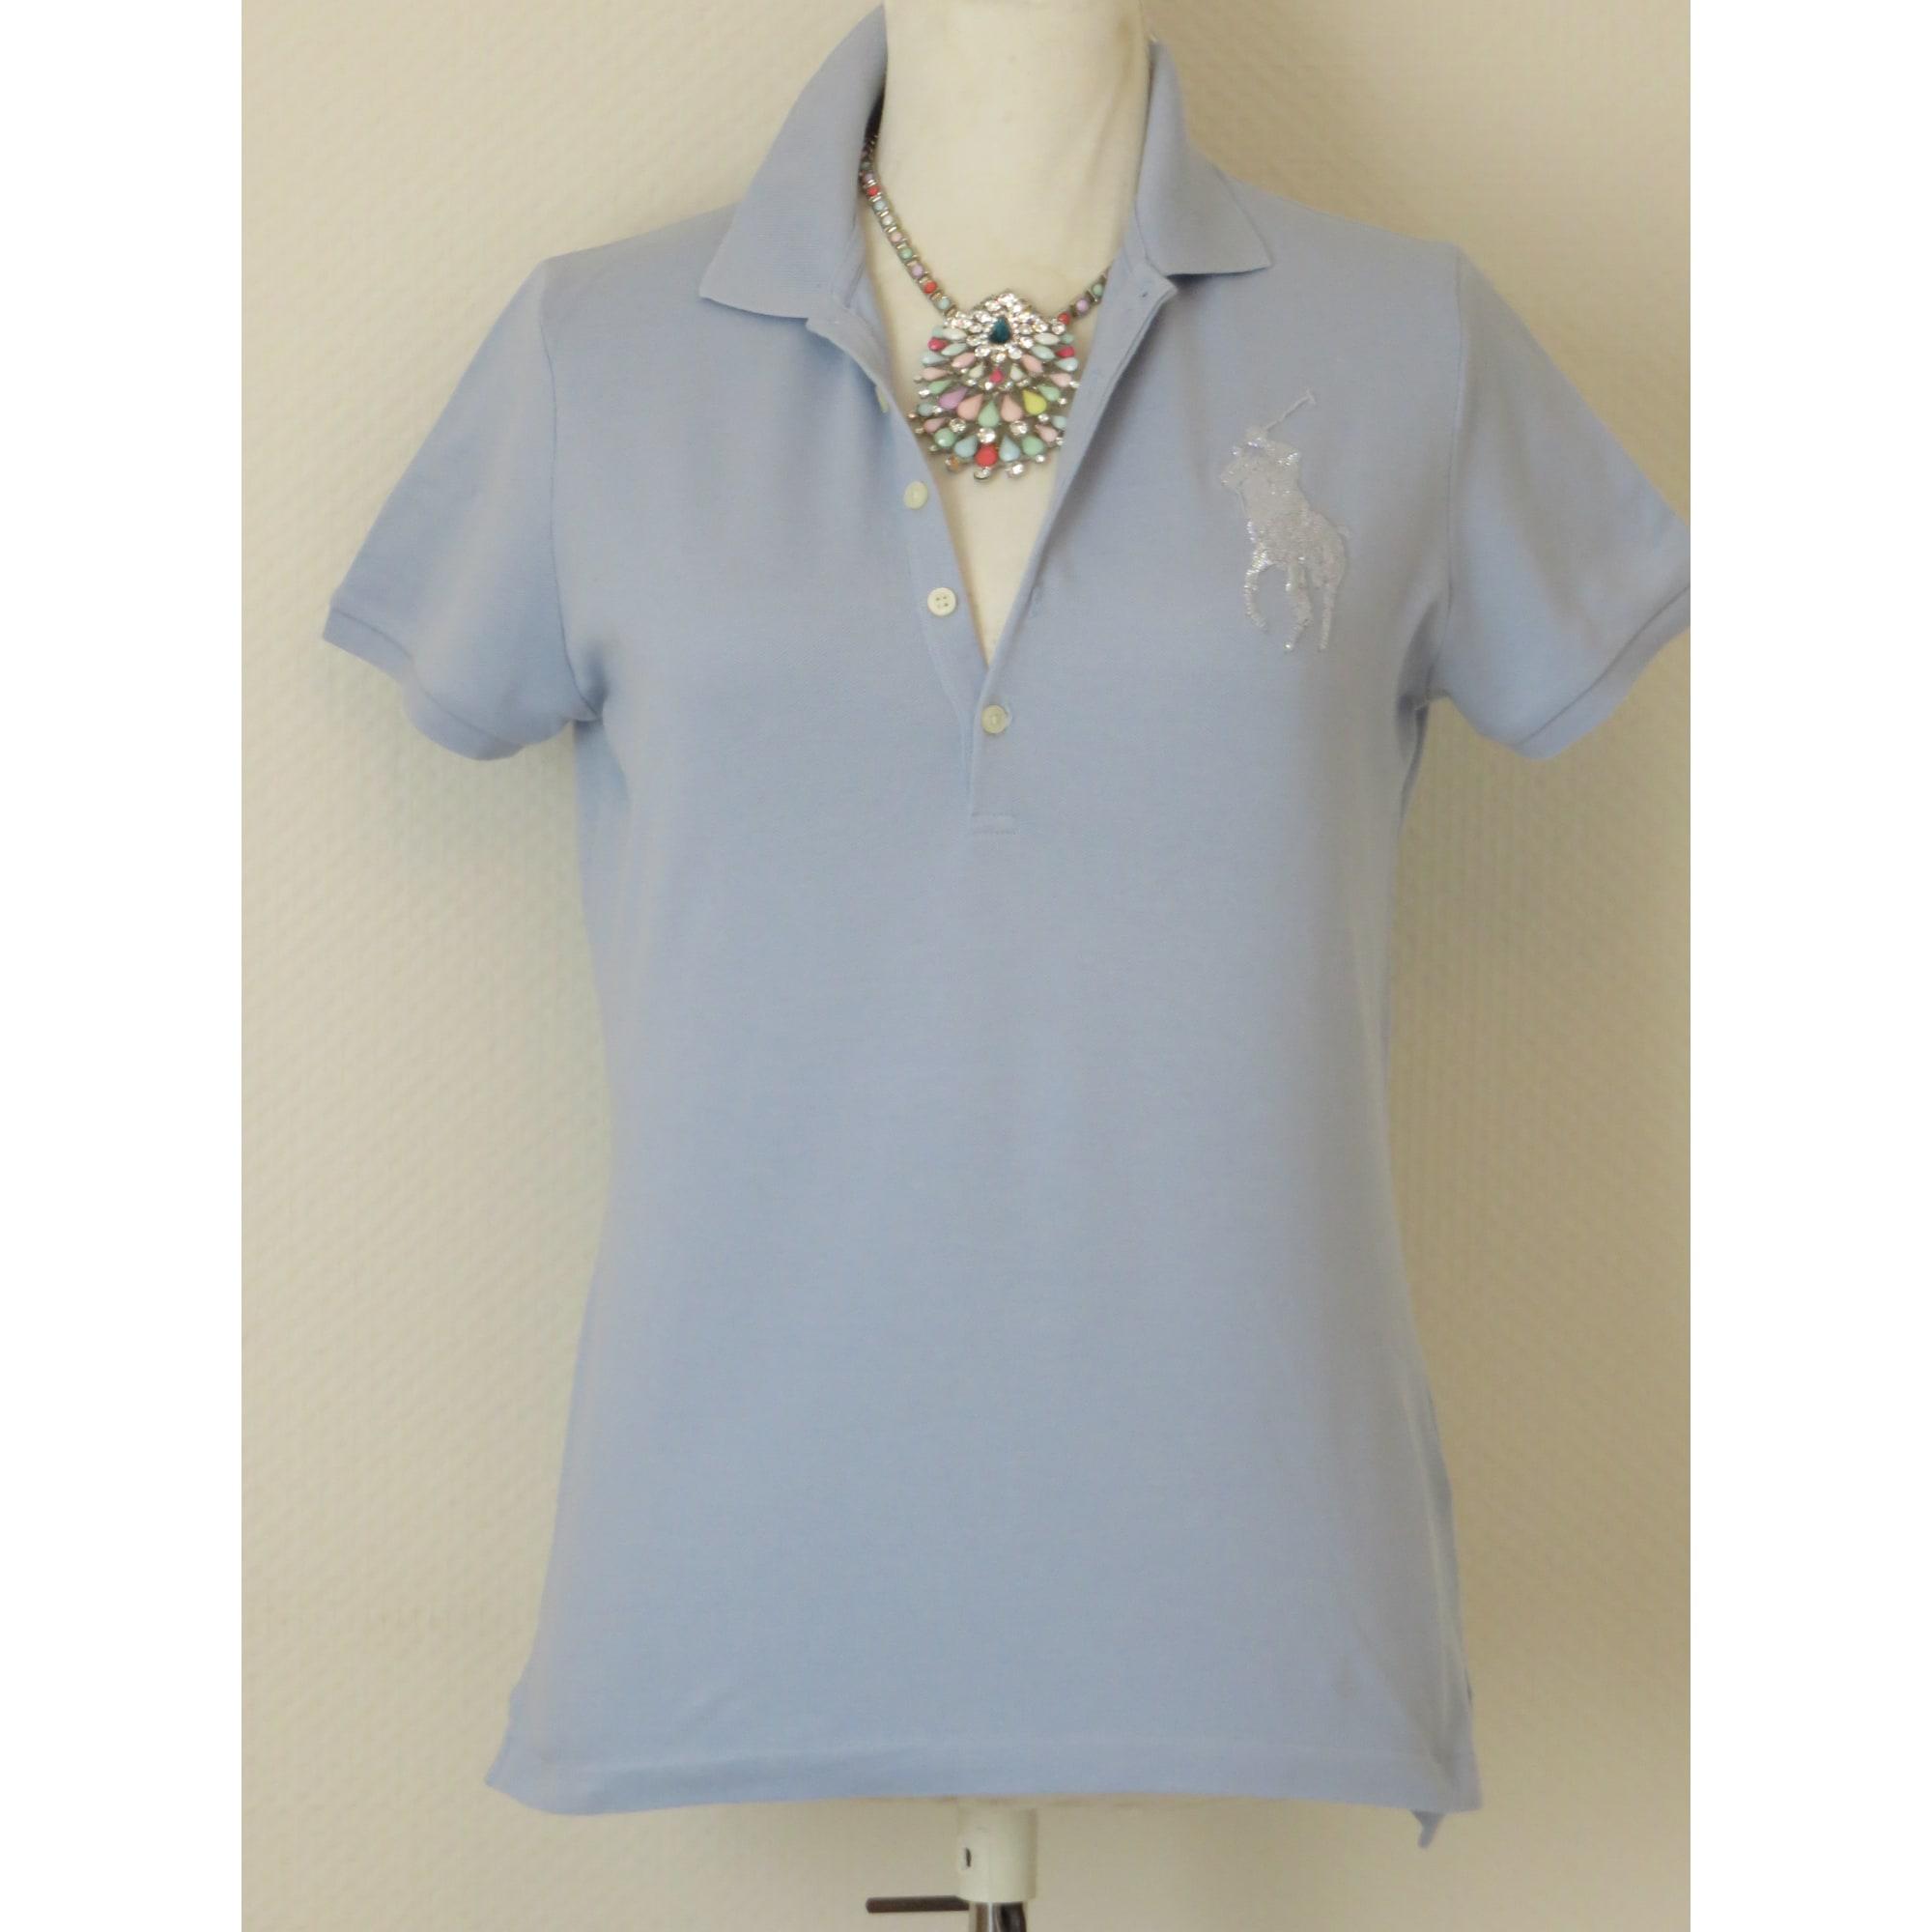 7af302787798 Polo RALPH LAUREN 42 (L XL, T4) bleu ciel vendu par D eve 6139923 ...